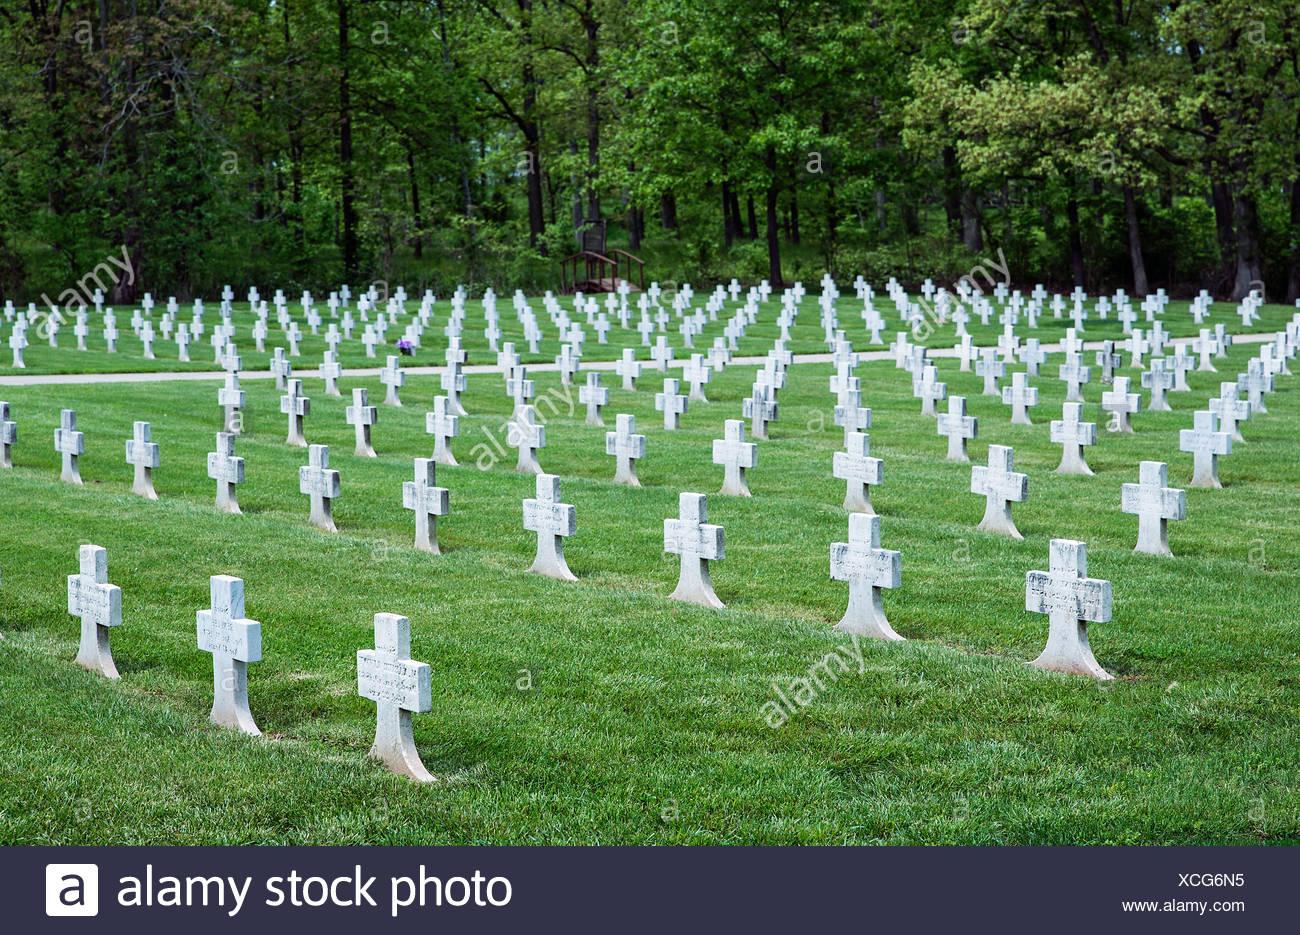 Cementerio de Hijas de la caridad, religiosas de la orden de monjas, Elizabeth Seton Santuario Nacional, Emmitsburg, Maryland, EE.UU. Imagen De Stock